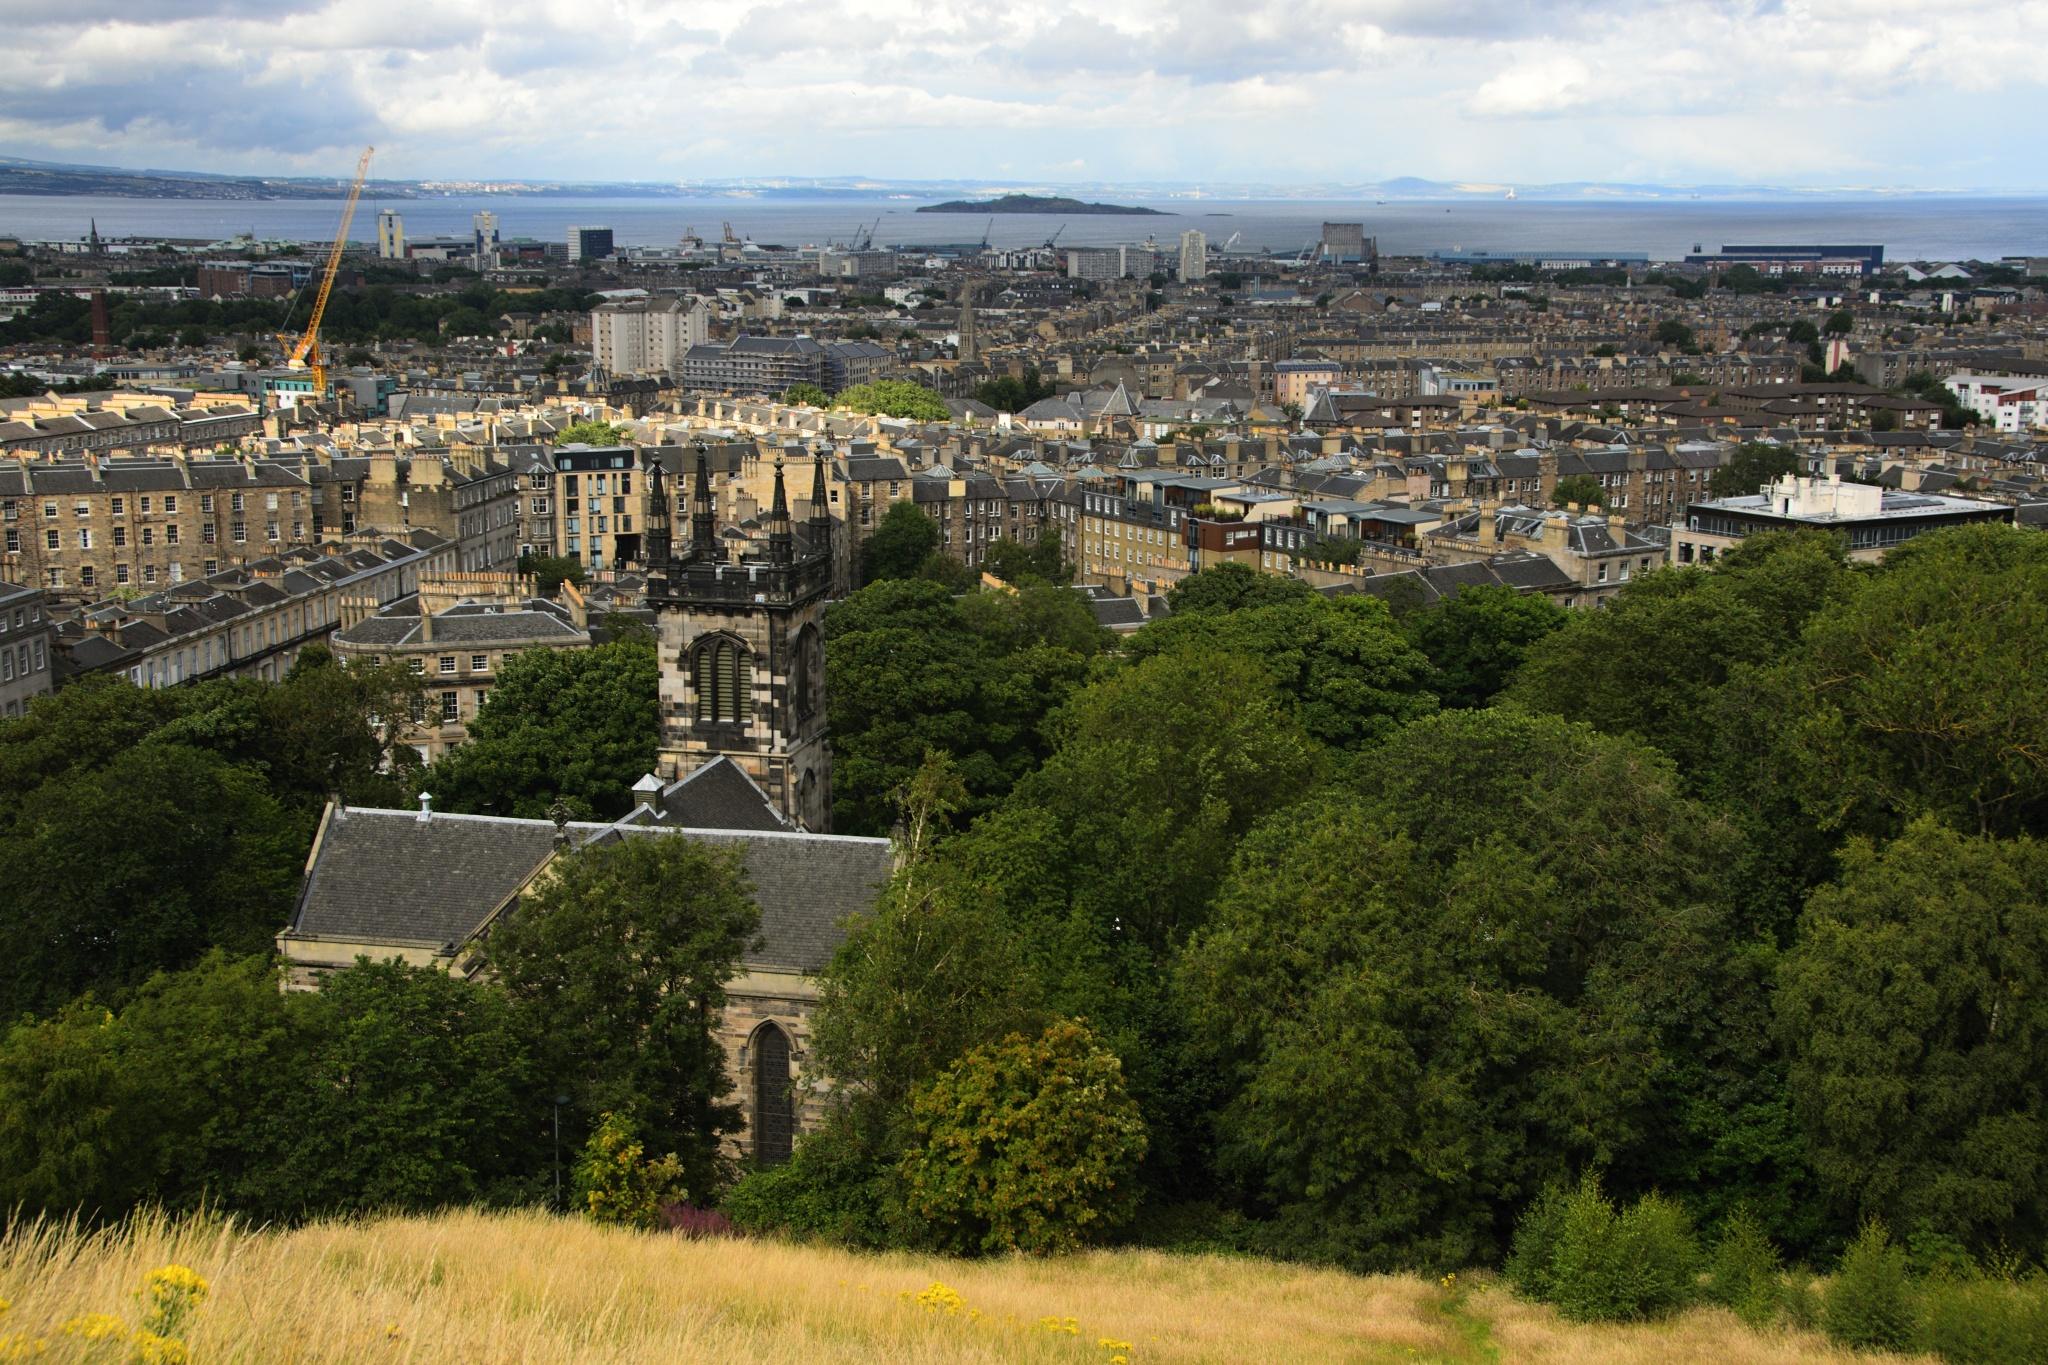 Výhled na Edinburgh, v popředí kostel Greenside Parish